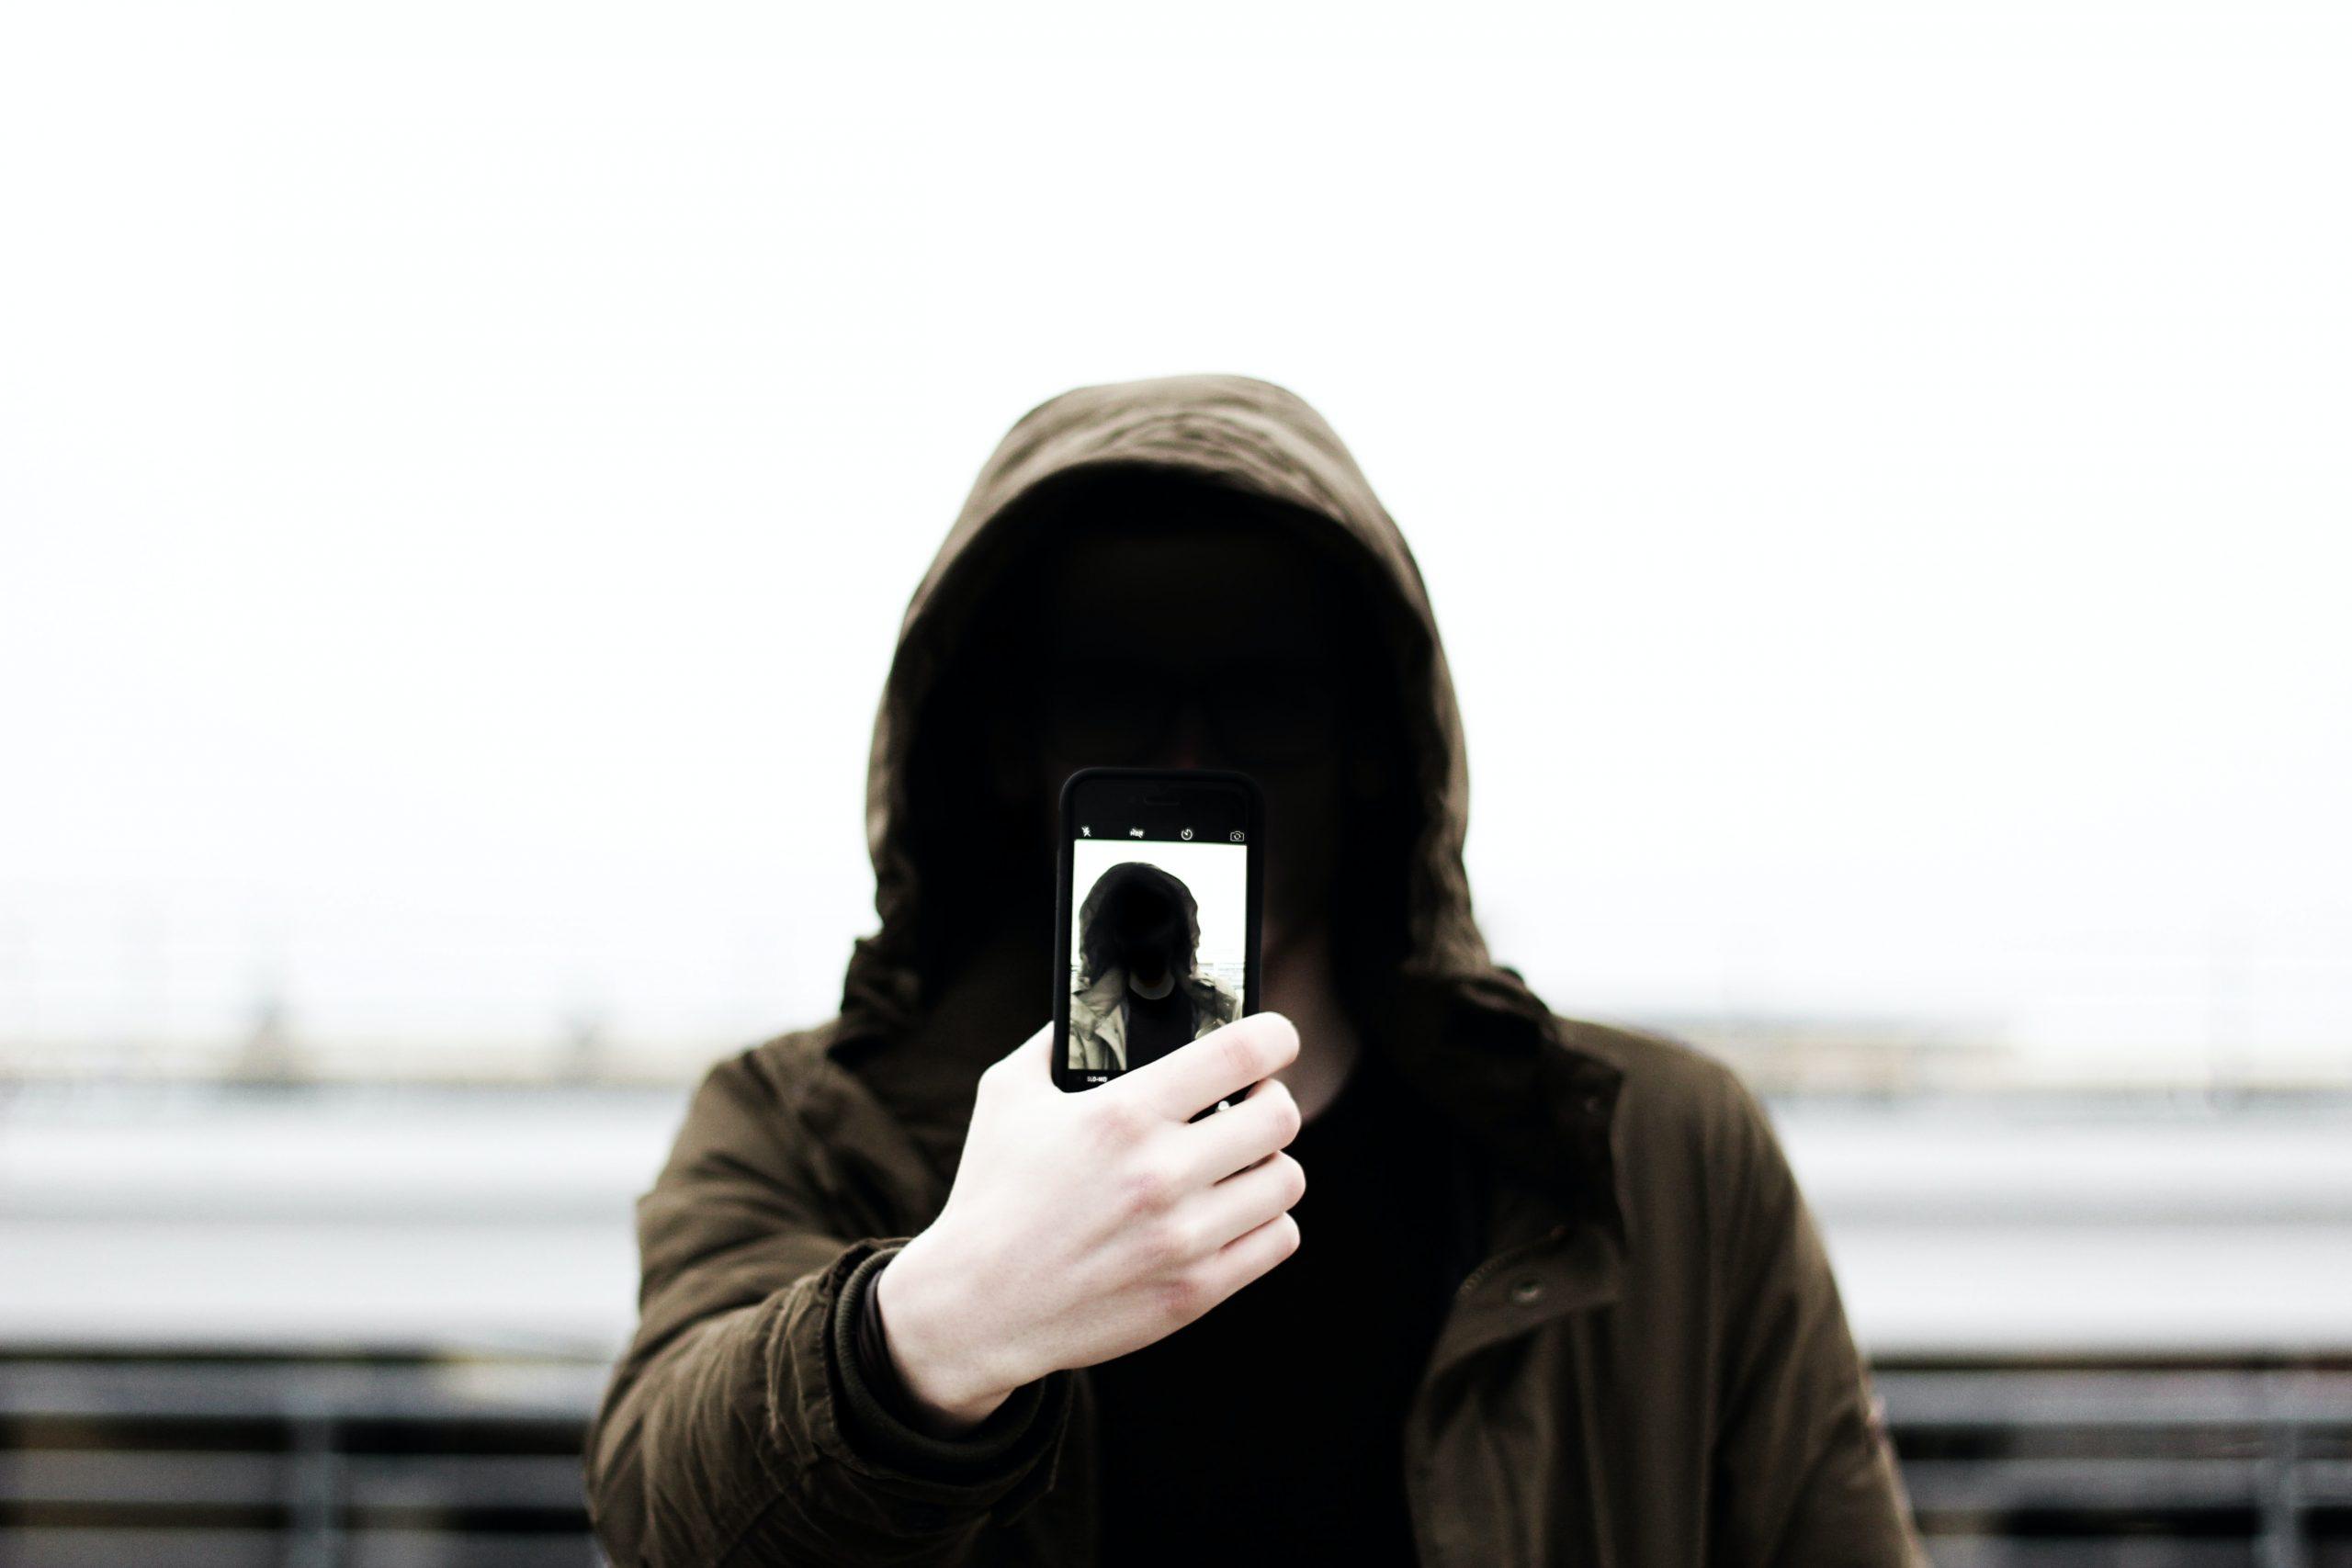 Con la identidad digital soberana eresdueño de tu identidad y puedes llevarla y usarla donde quieras